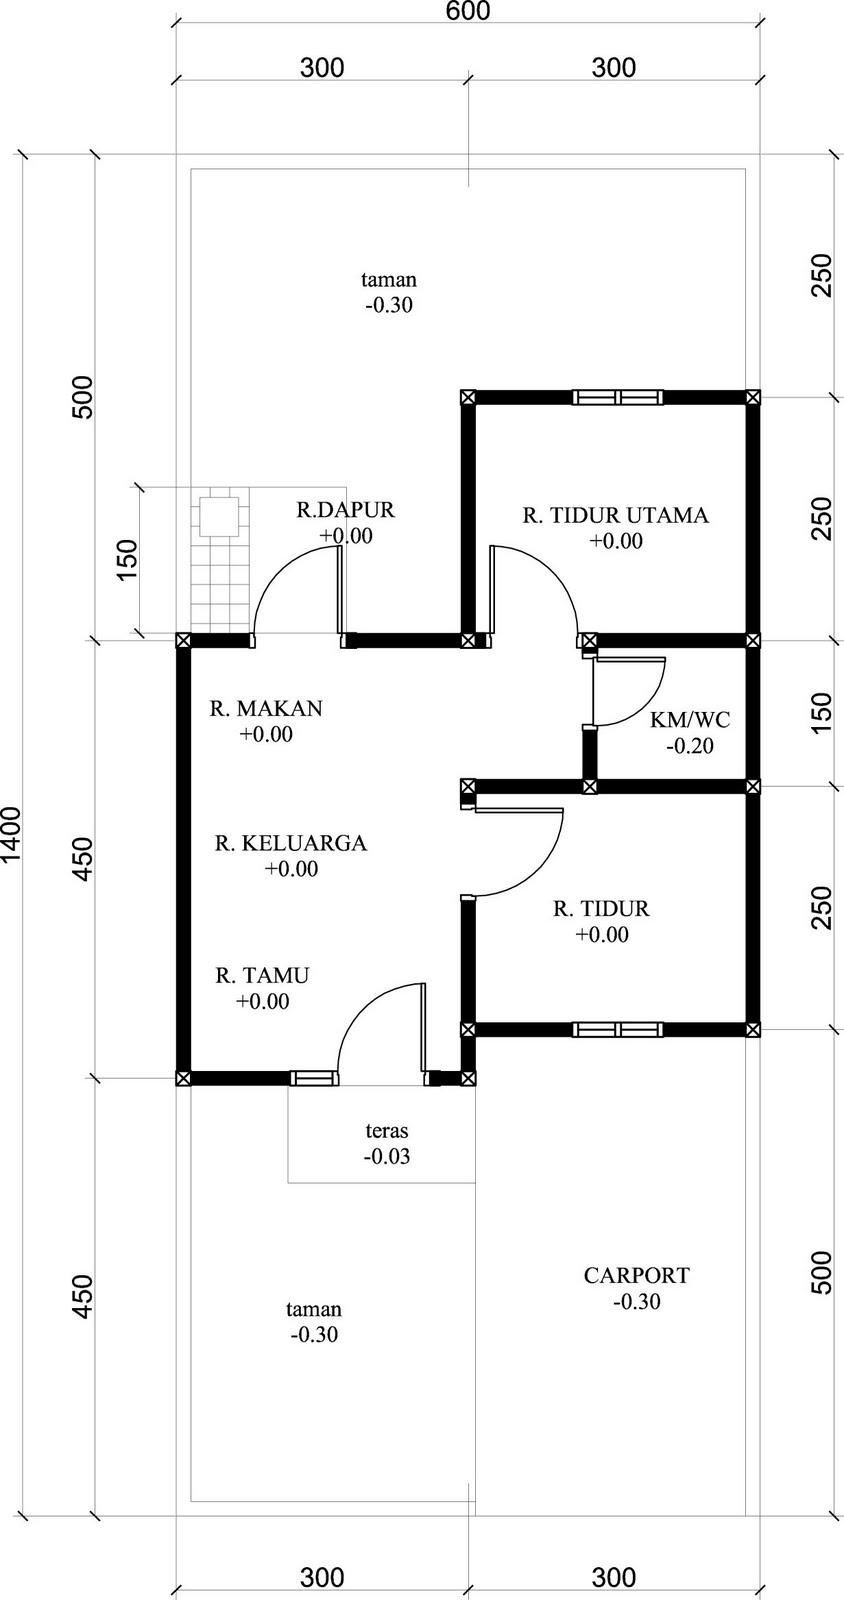 Download renovasi rumah t.36 jadi 2 lantai